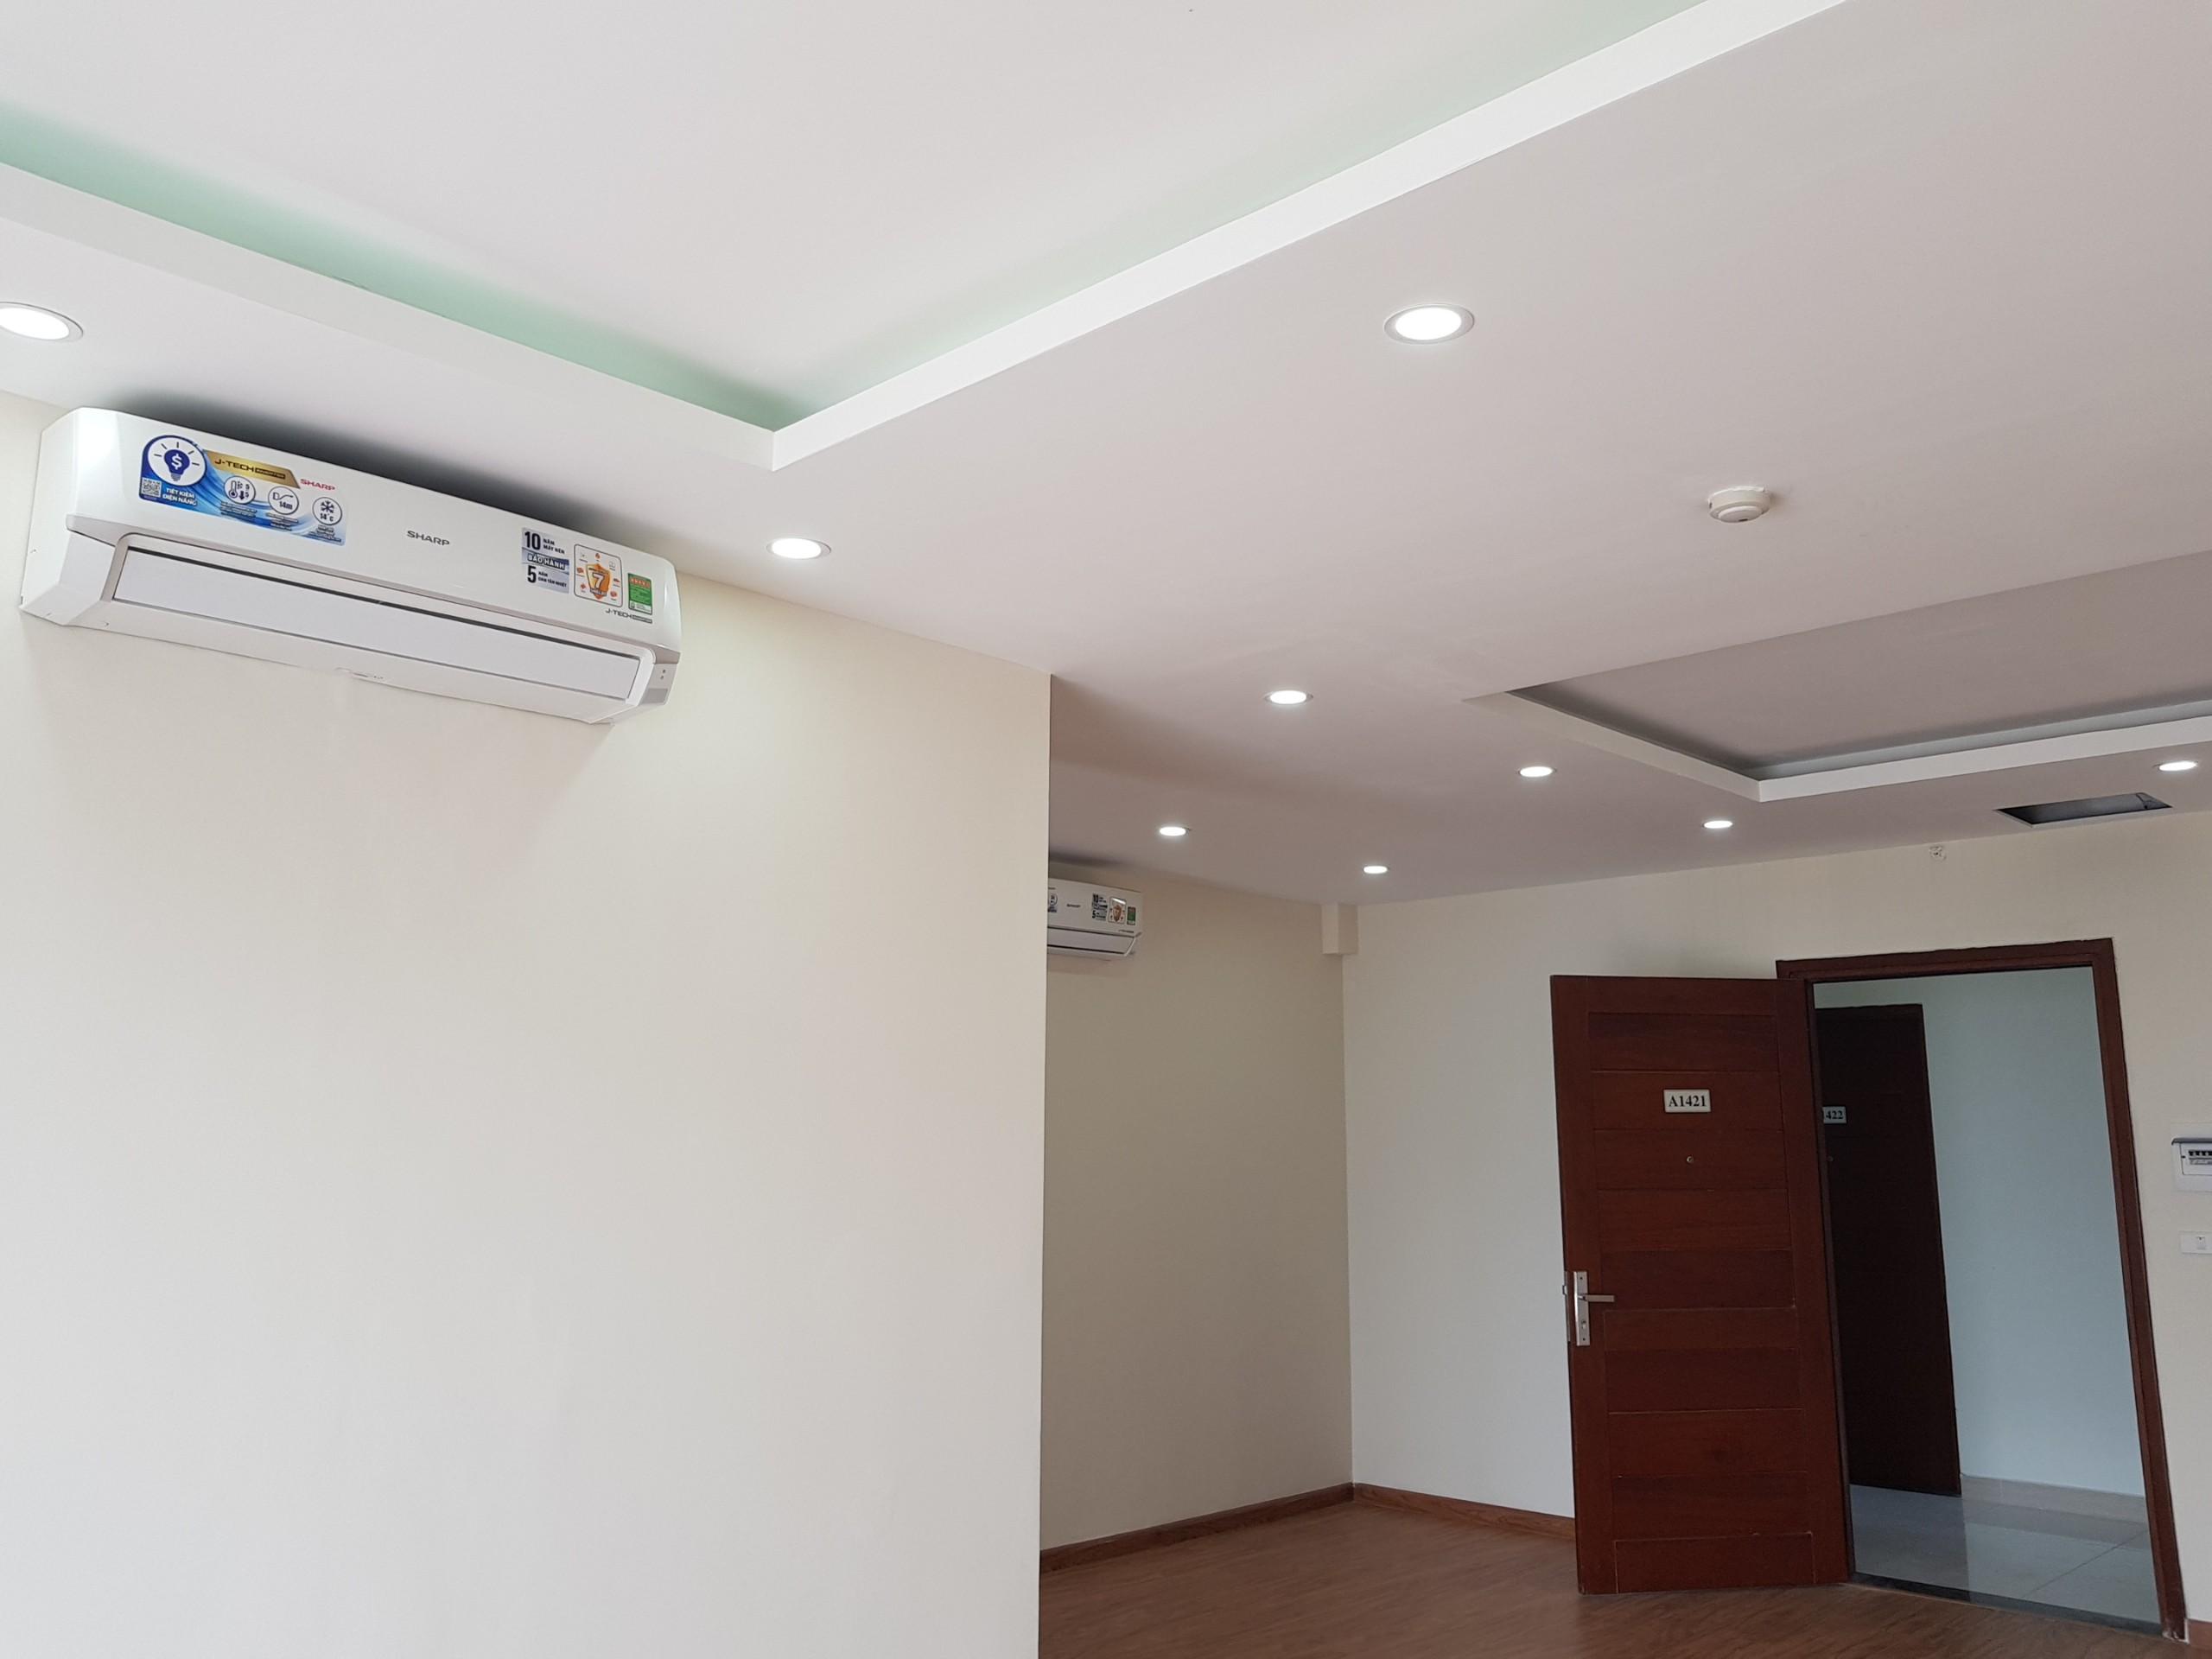 Sàn gỗ, trần thạch cao, đèn lead, hệ thống cửa, điều hòa,...căn hộ Epic Home